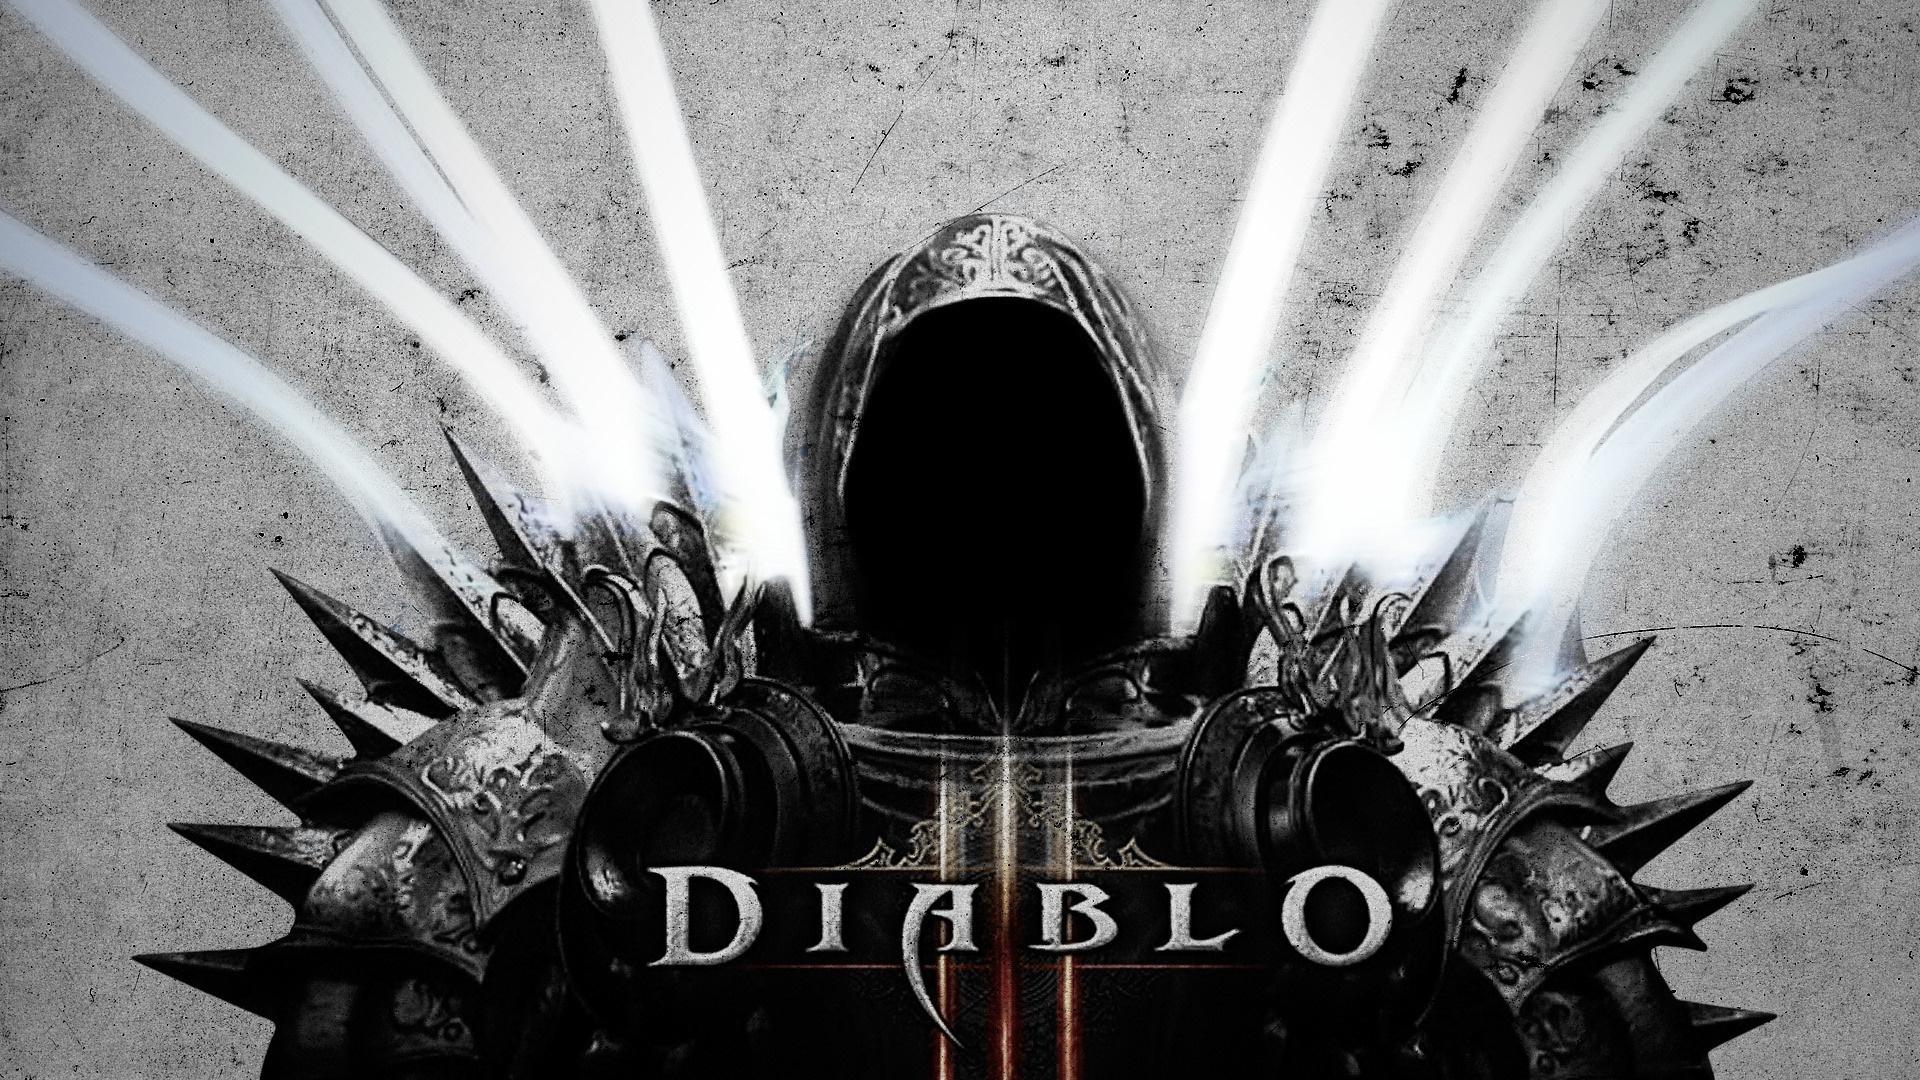 Diablo III K Gallery Wallpapers HD Desktop Backgrounds Phone 1920x1080